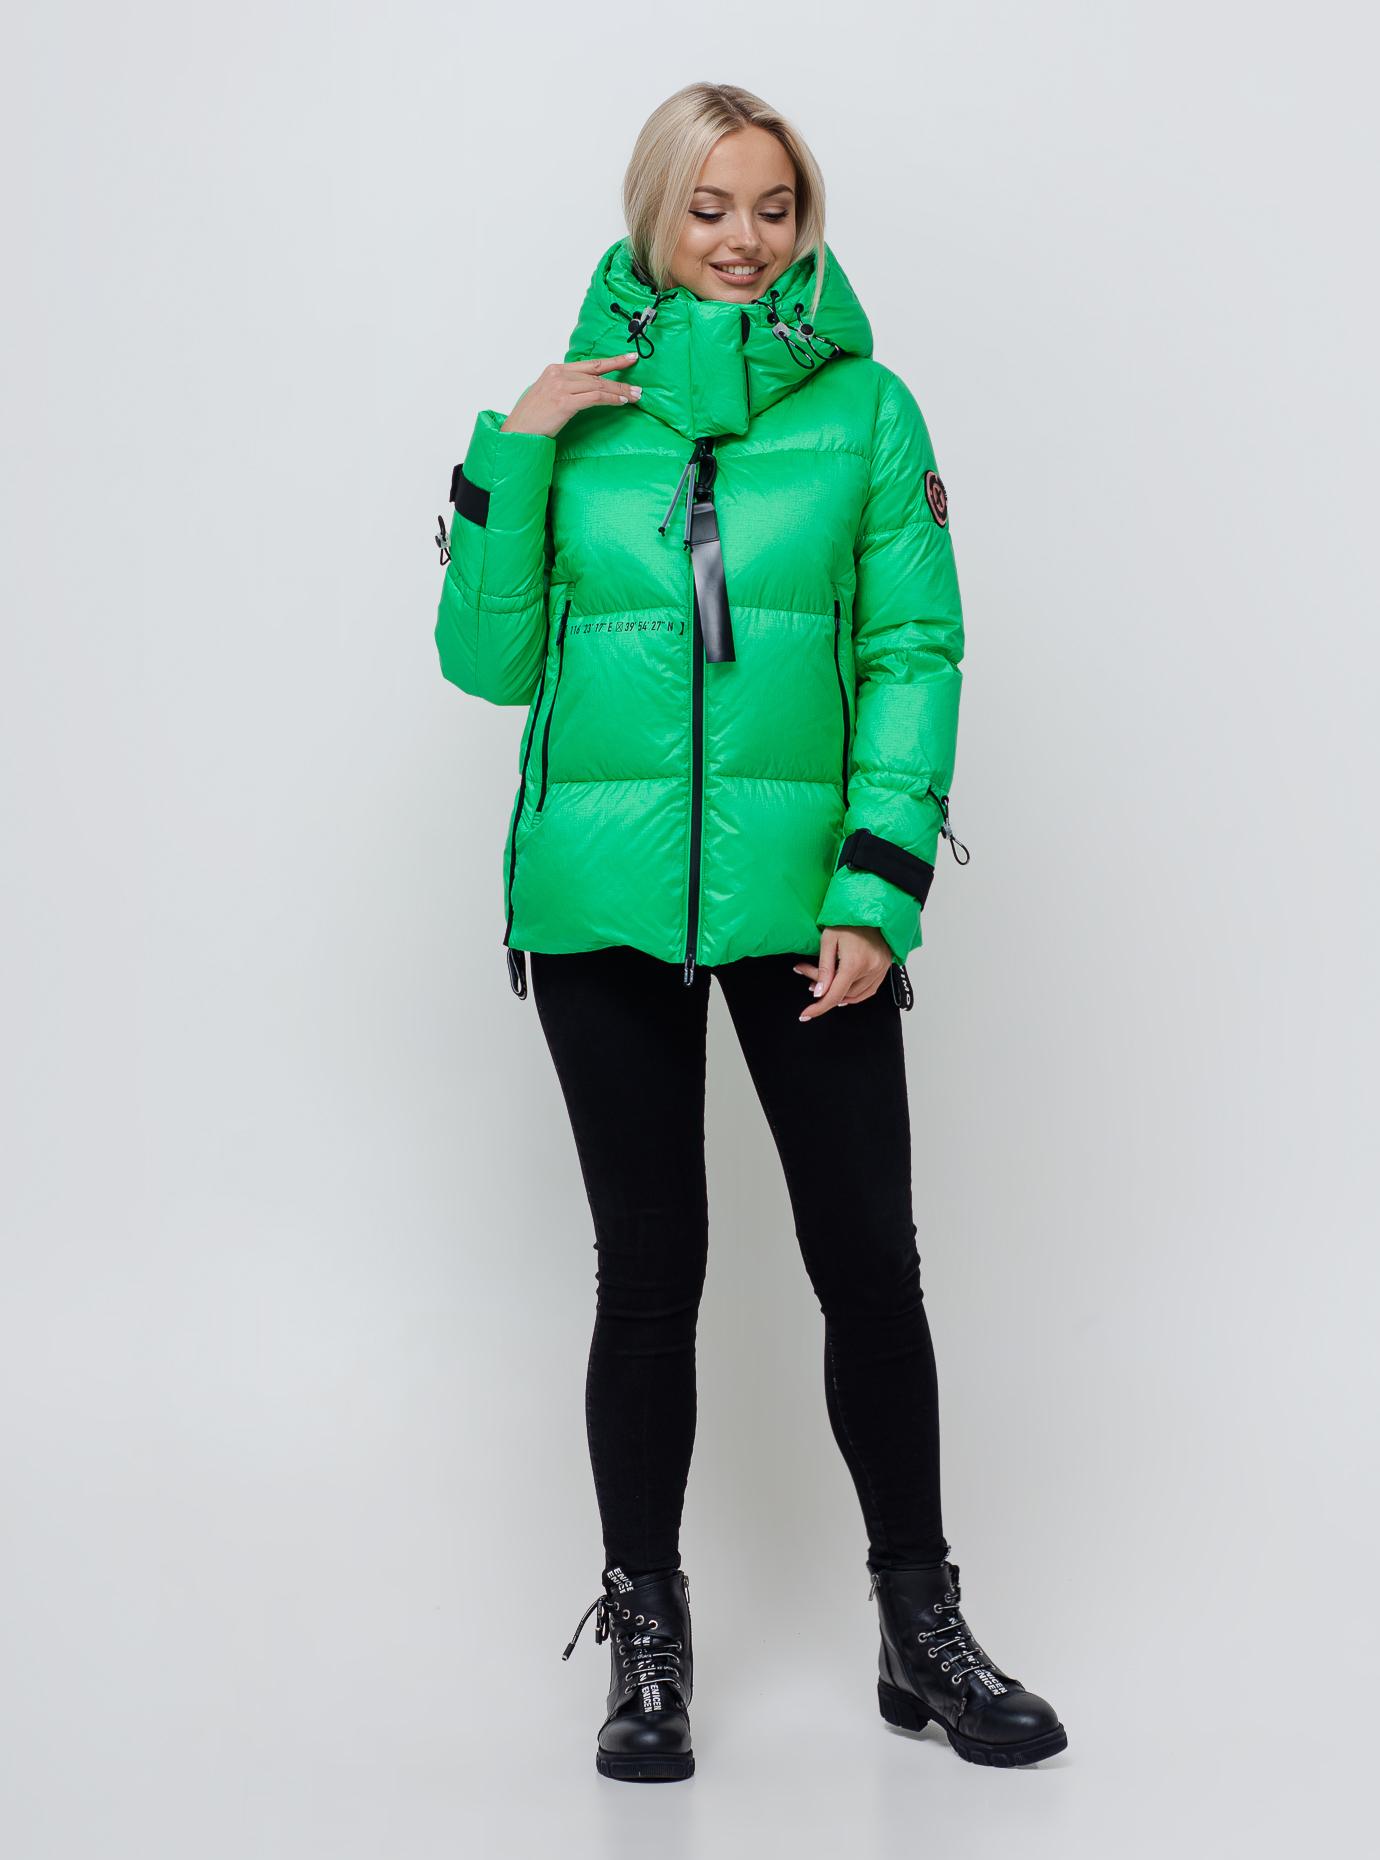 Жіночий пуховик з капюшоном Зелений S (05-SV201171): фото - Alster.ua